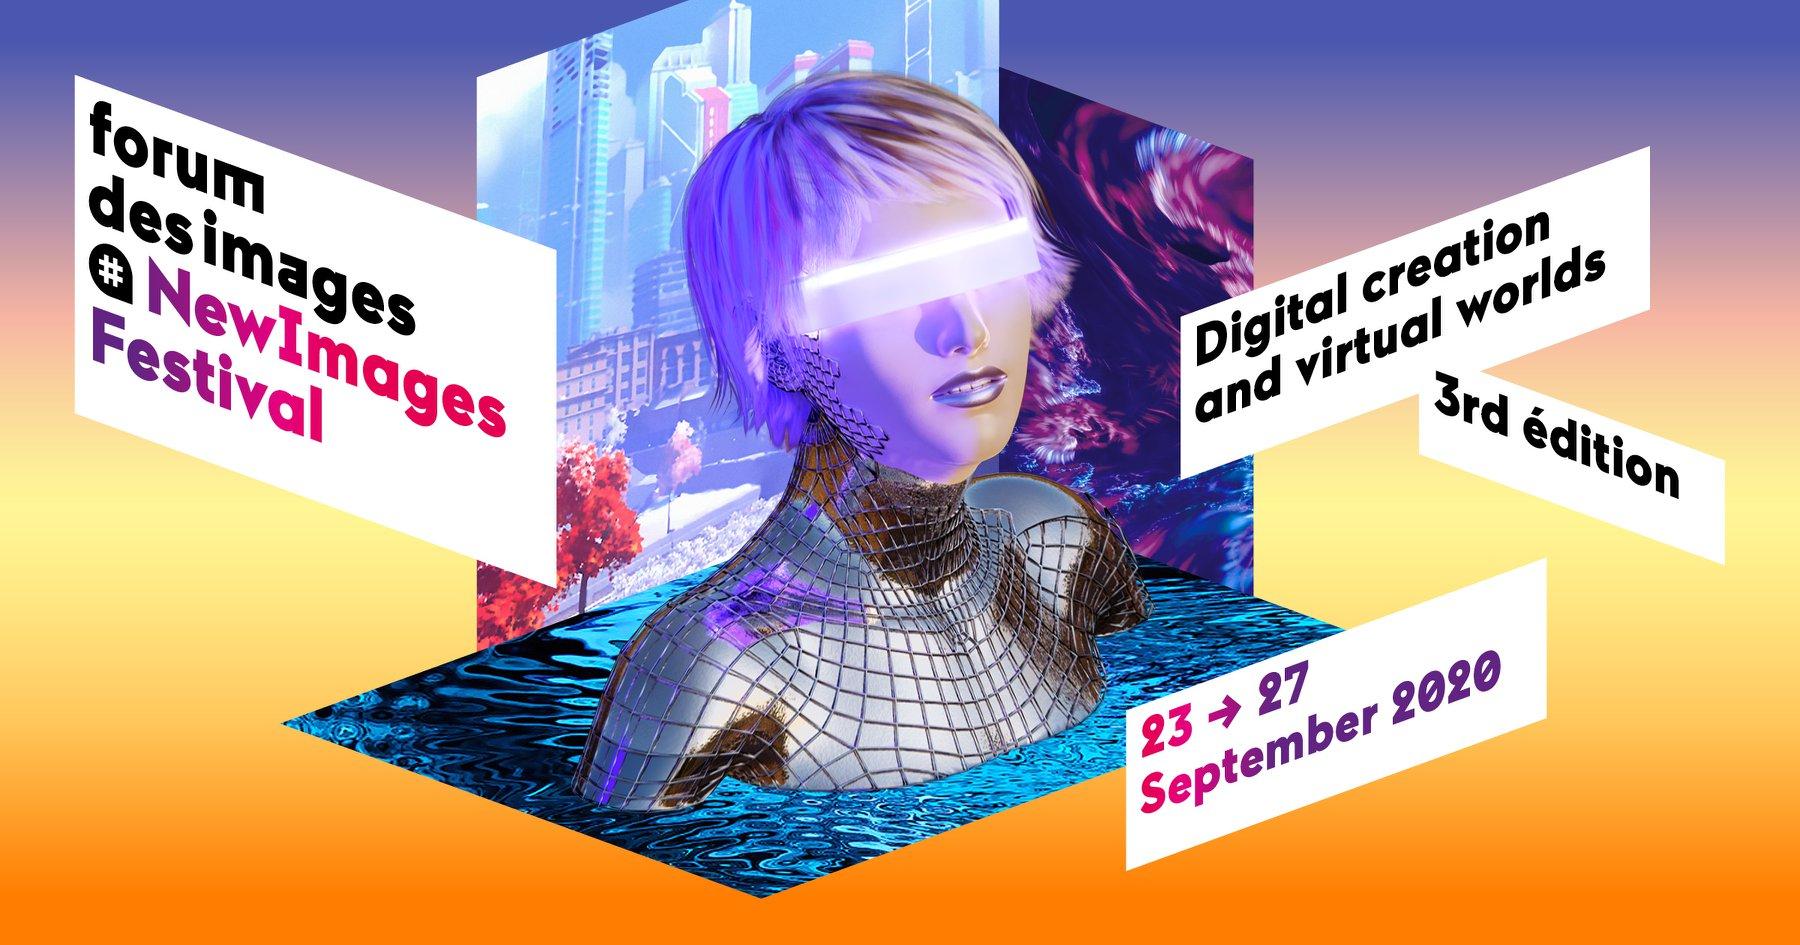 La 3ème édition du festival NewImages du 23 au 27 septembre 2020